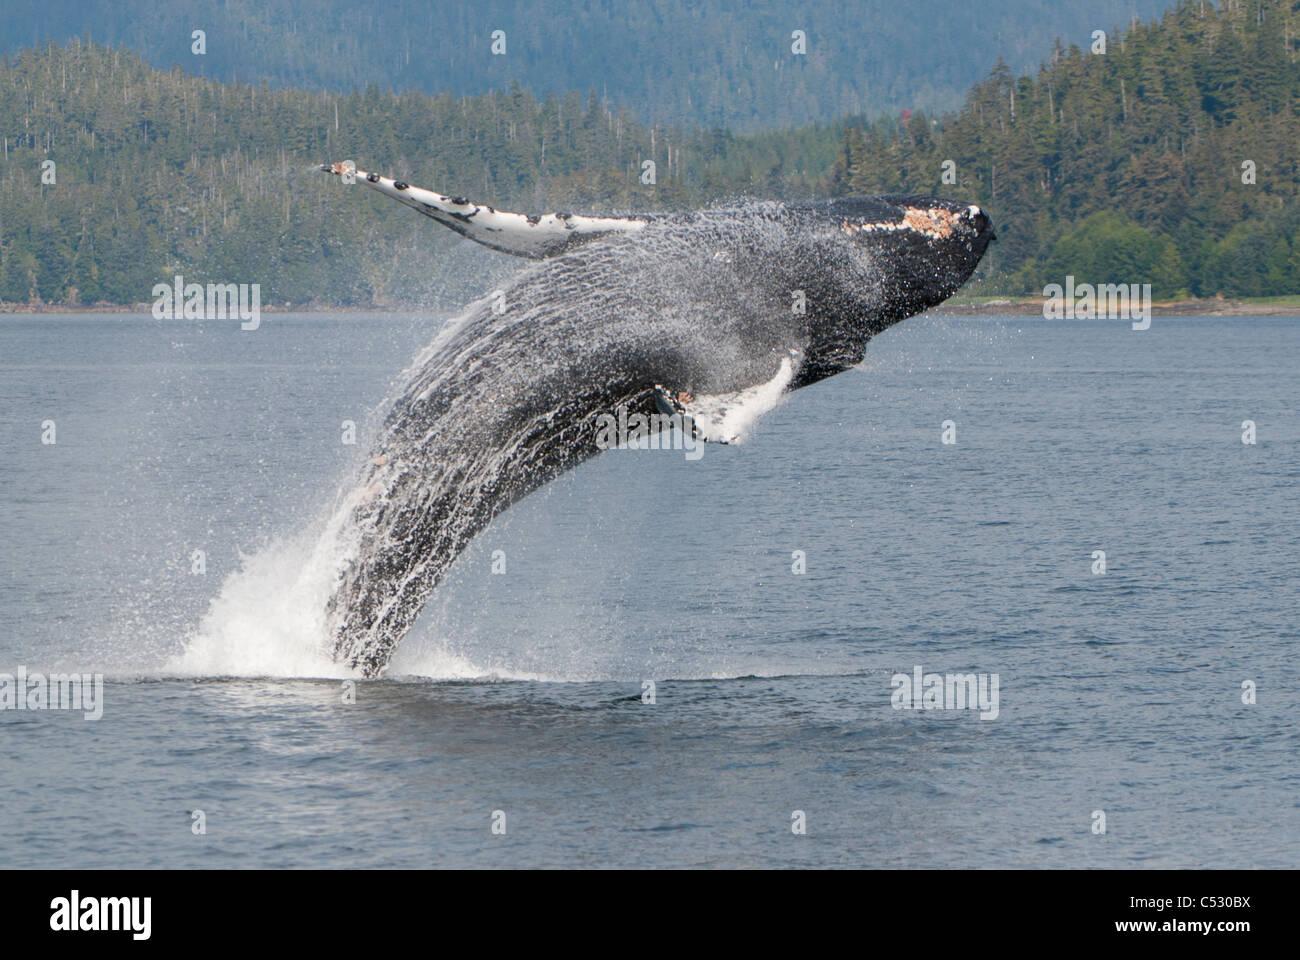 Humpback Whale breaching en Frederick Sound, le passage de l'intérieur, le sud-est de l'Alaska, l'été Photo Stock